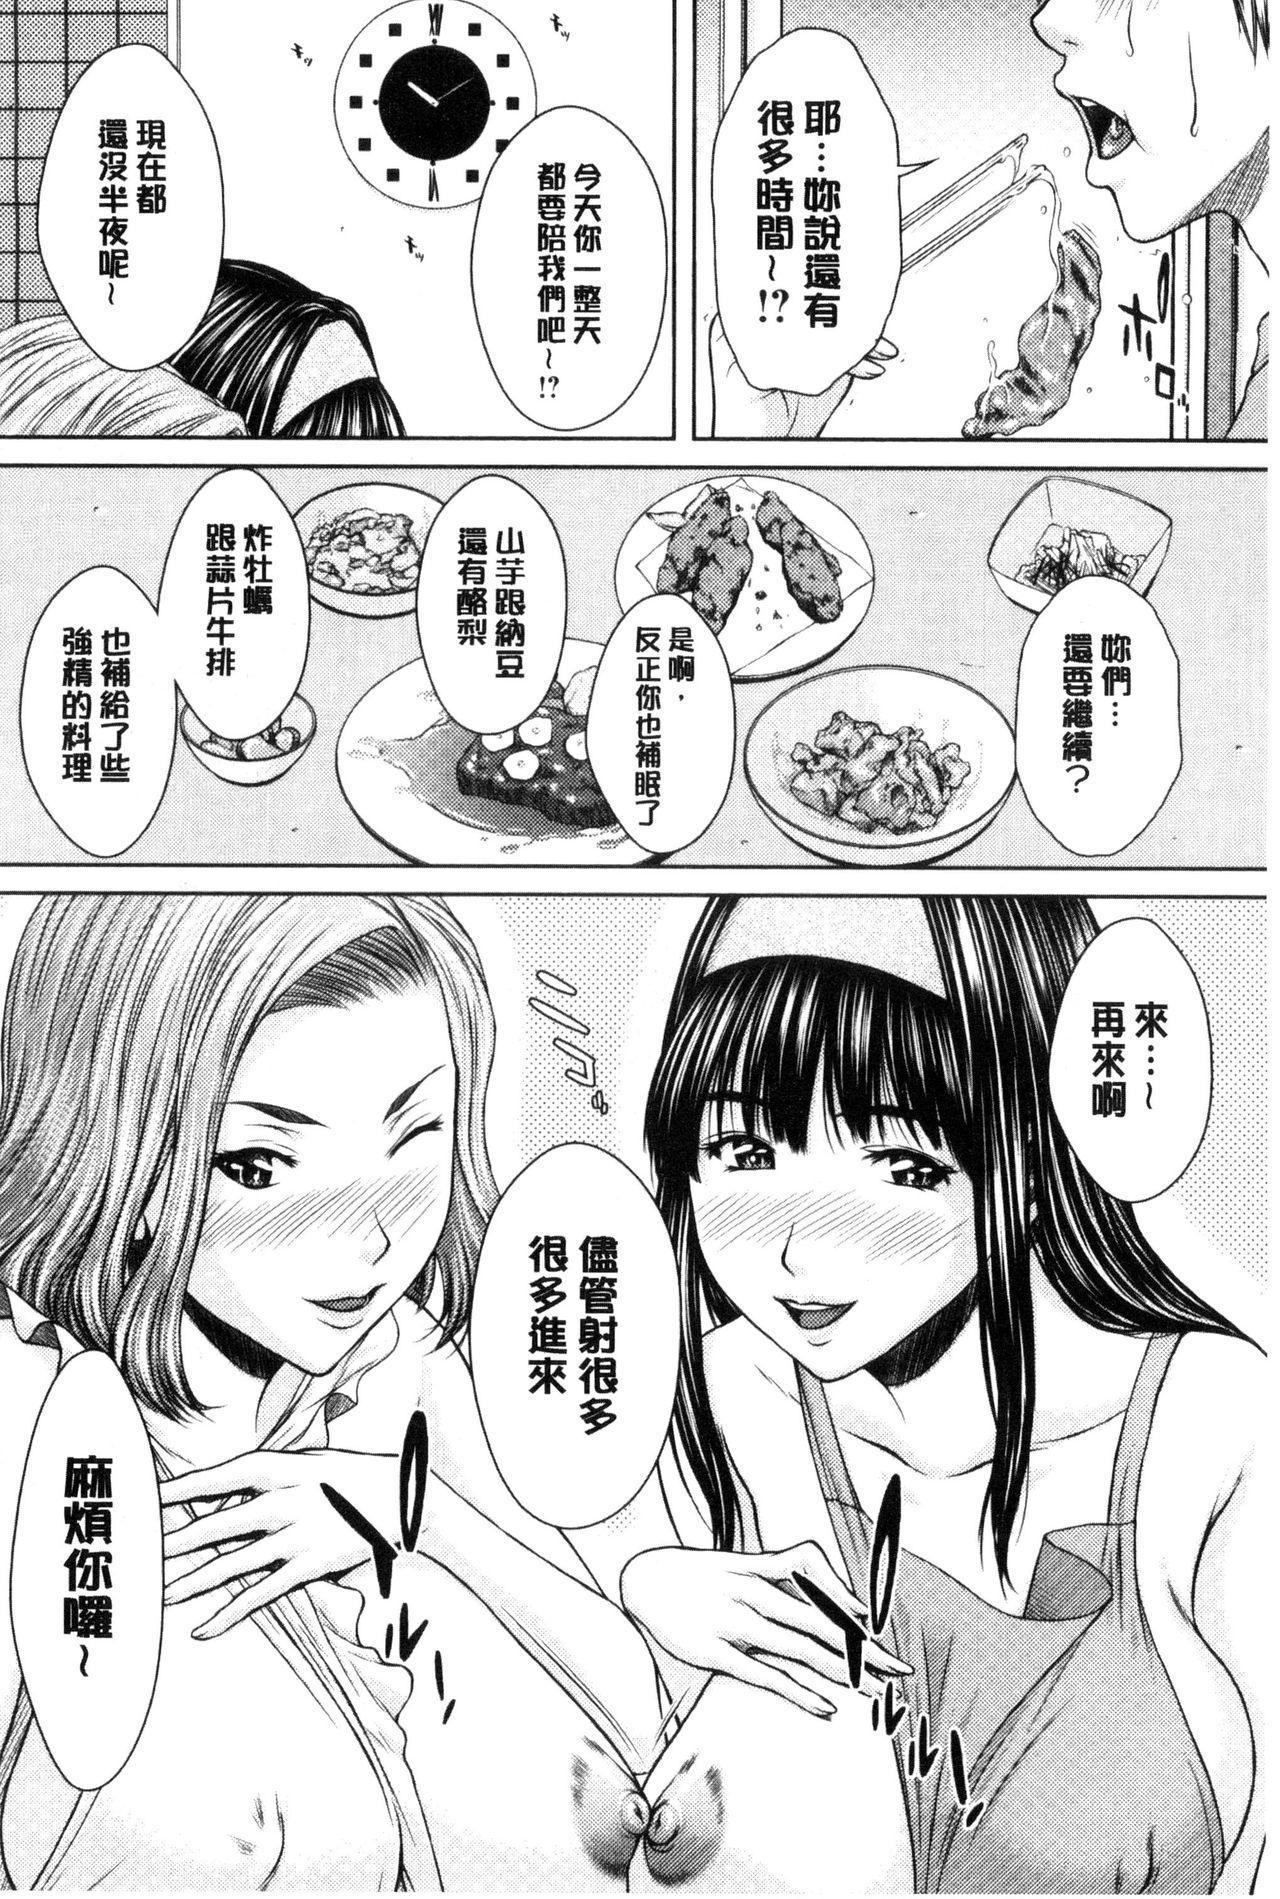 Mesukano Inbina Mesu Kanojotachi To No Hibi 158